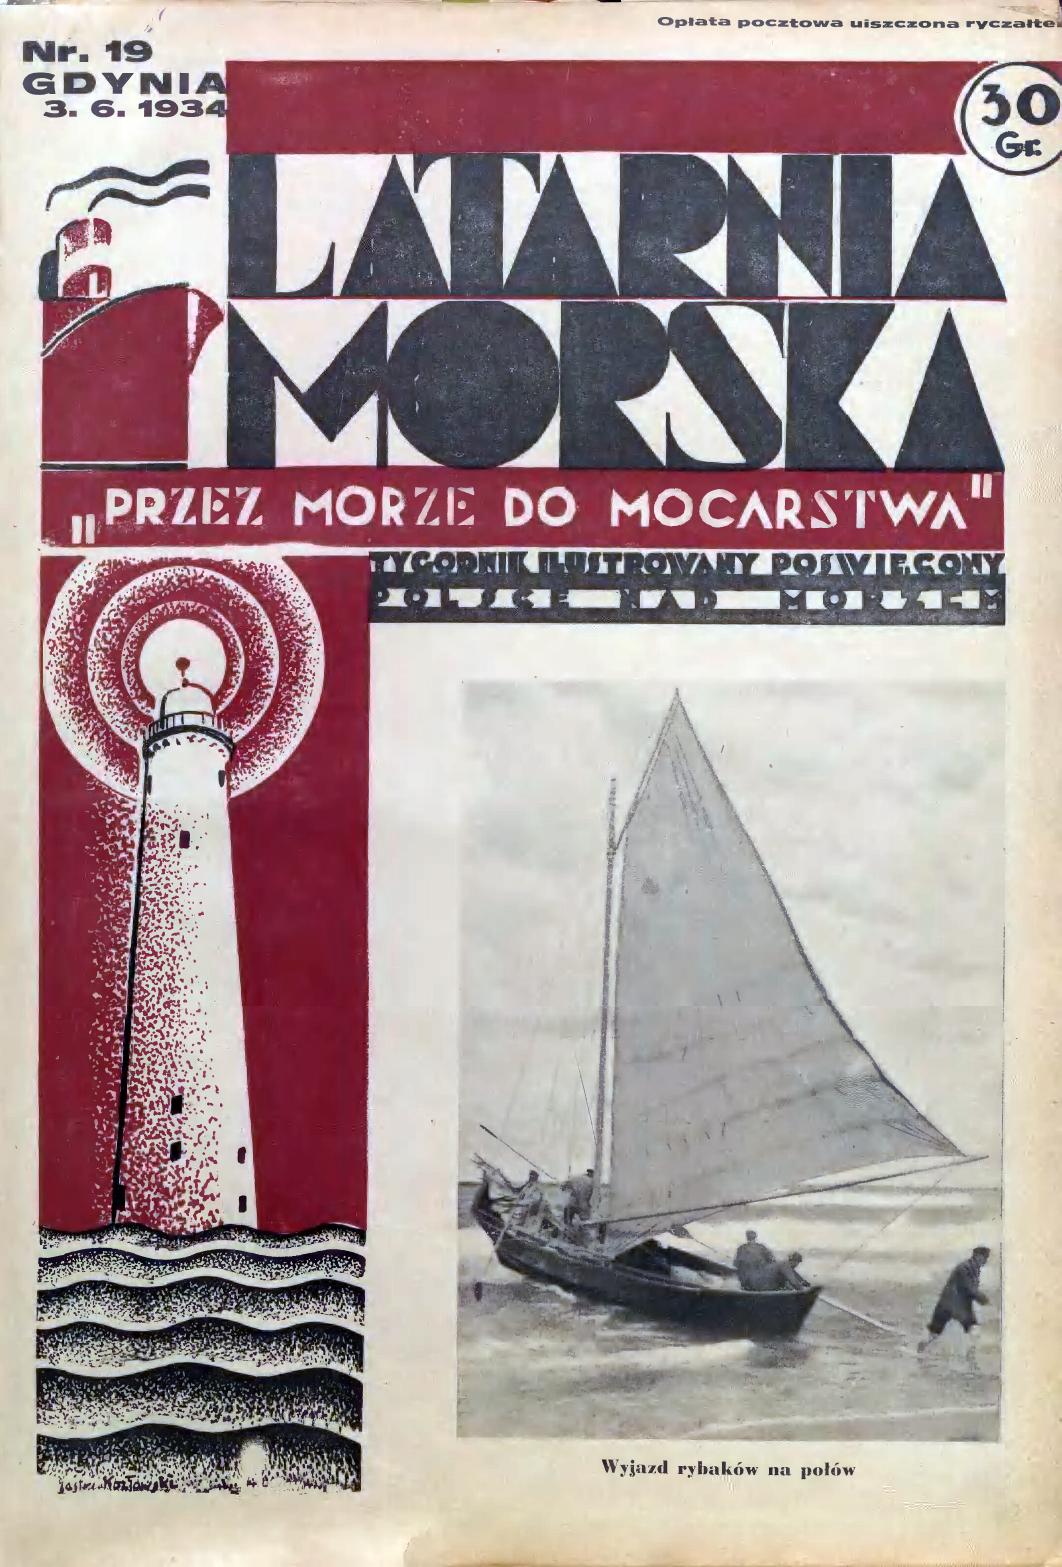 Latarnia Morska: tygodnik ilustrowany poświęcony Polsce nad morzem. – Gdynia : Balto Polak – Zakłady Graficzne i Wydawnicze, 1934, nr 19